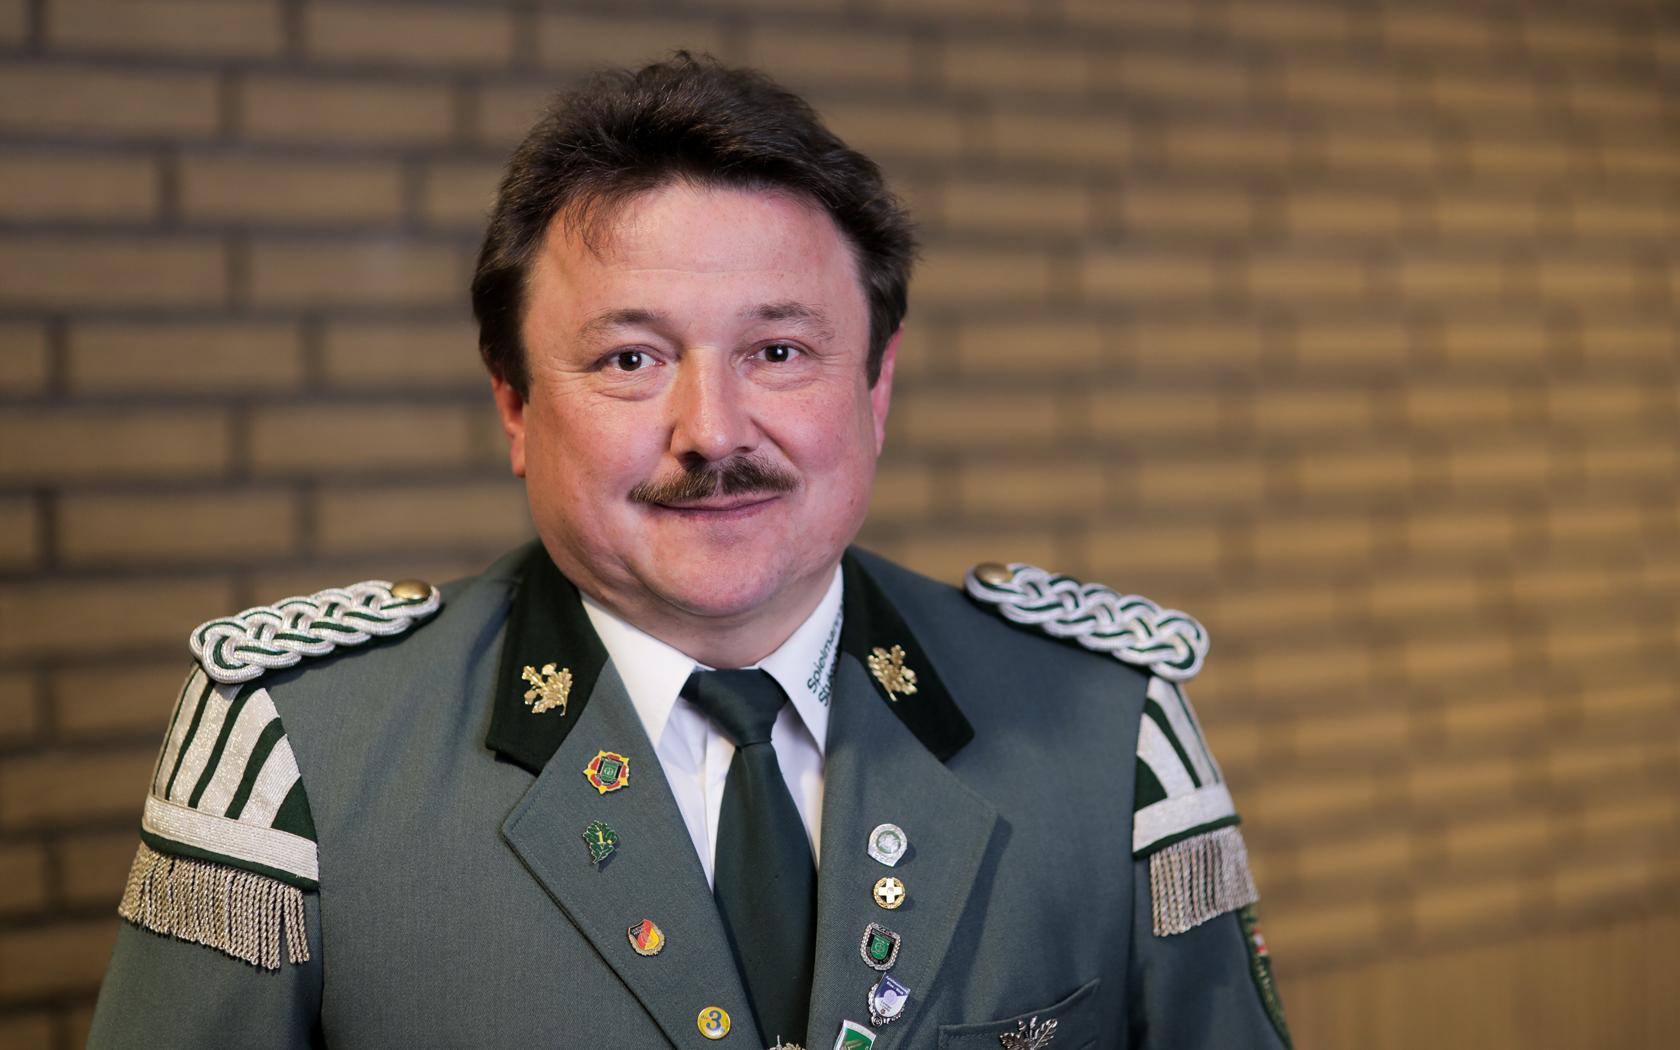 Norbert Greinert